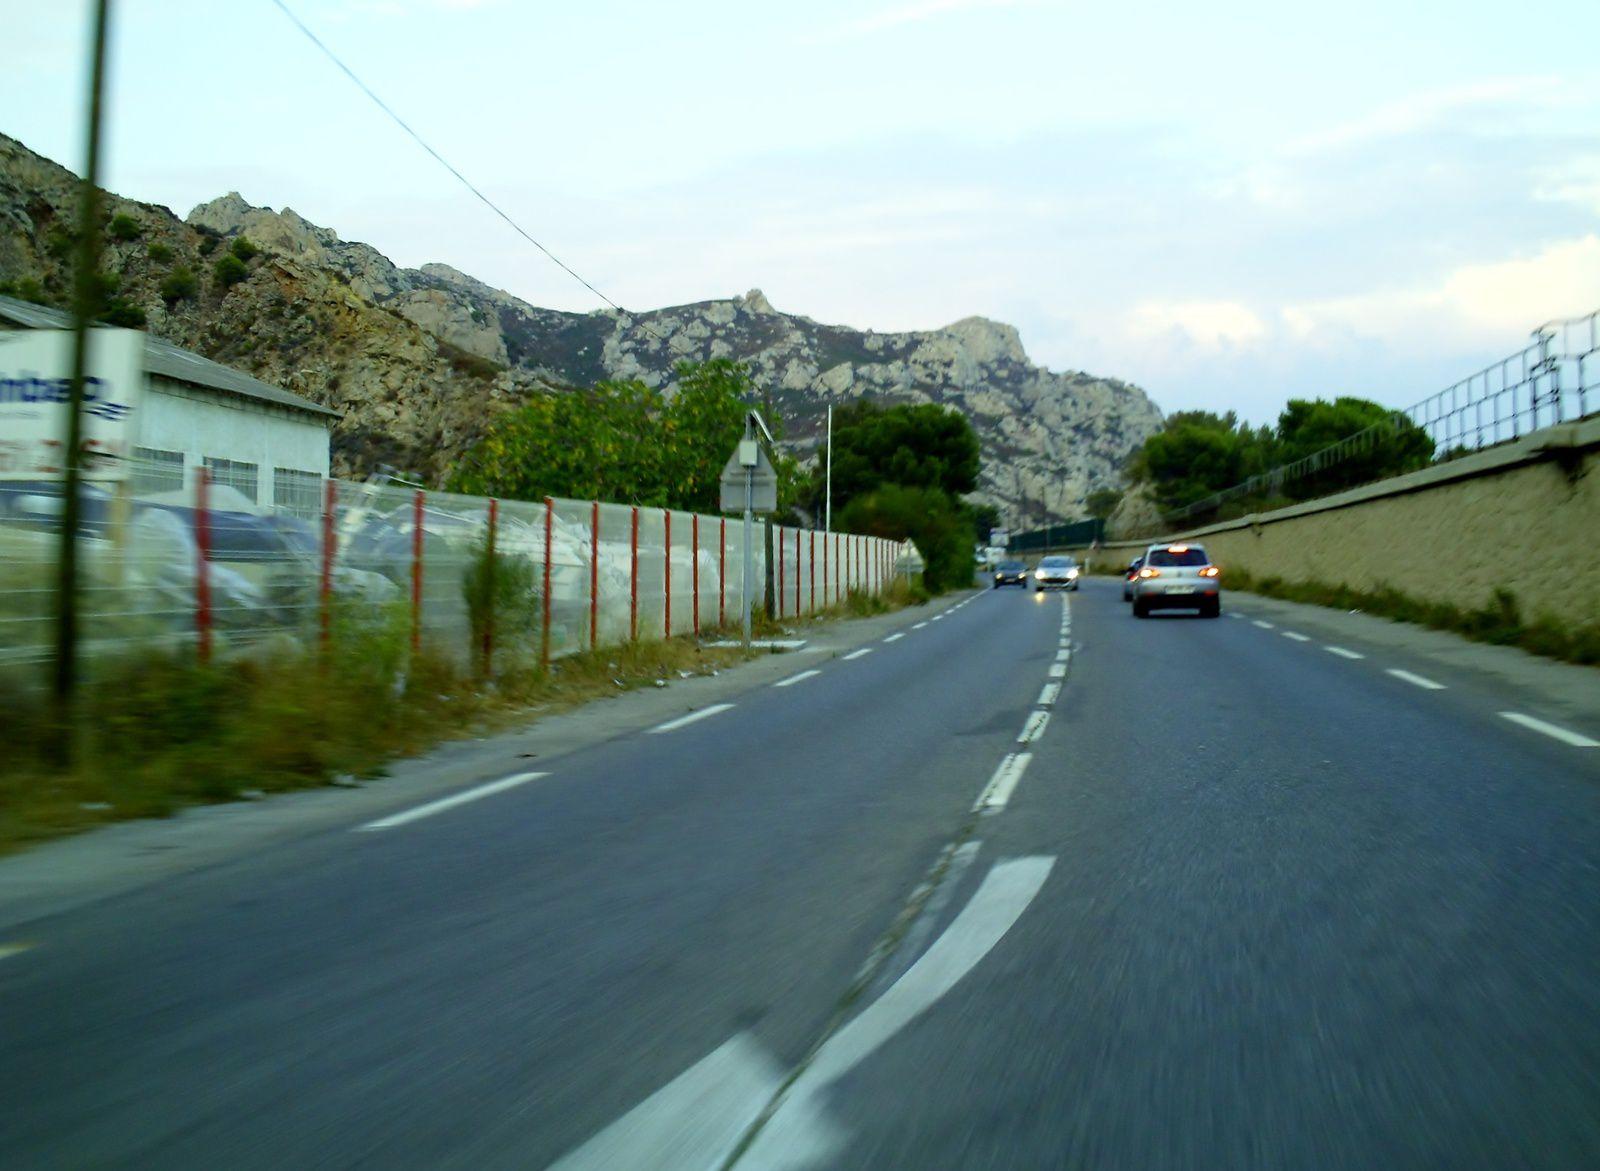 Goldwing - Notre voyage dans les Hautes-Alpes en Goldwing 1800 et Varadero 125 - 9ème jour